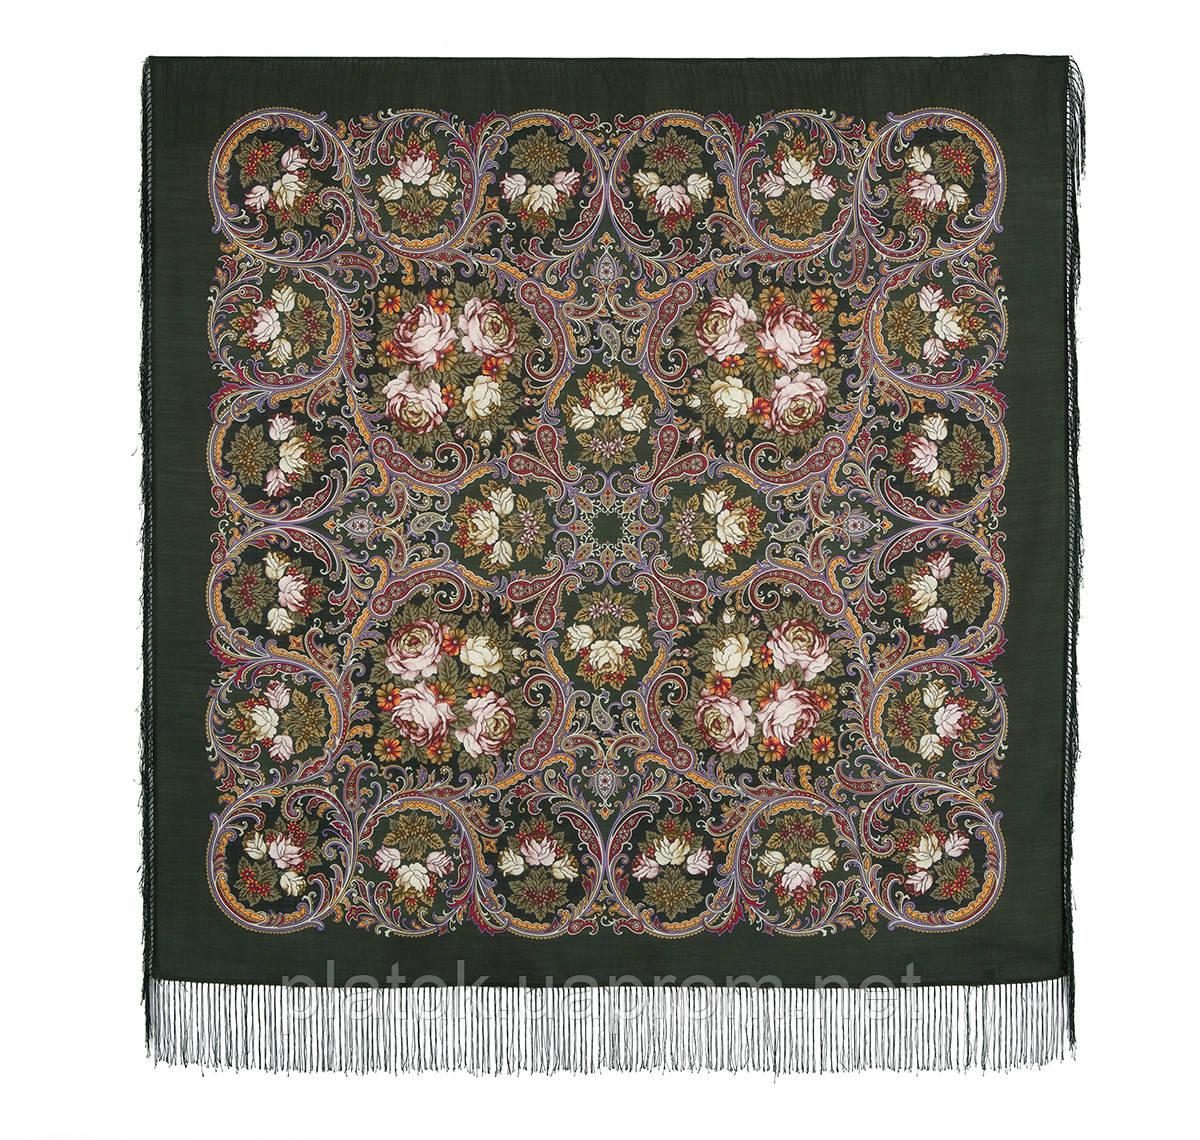 Песнь уходящего лета 1827-10, павлопосадский платок шерстяной с шелковой бахромой